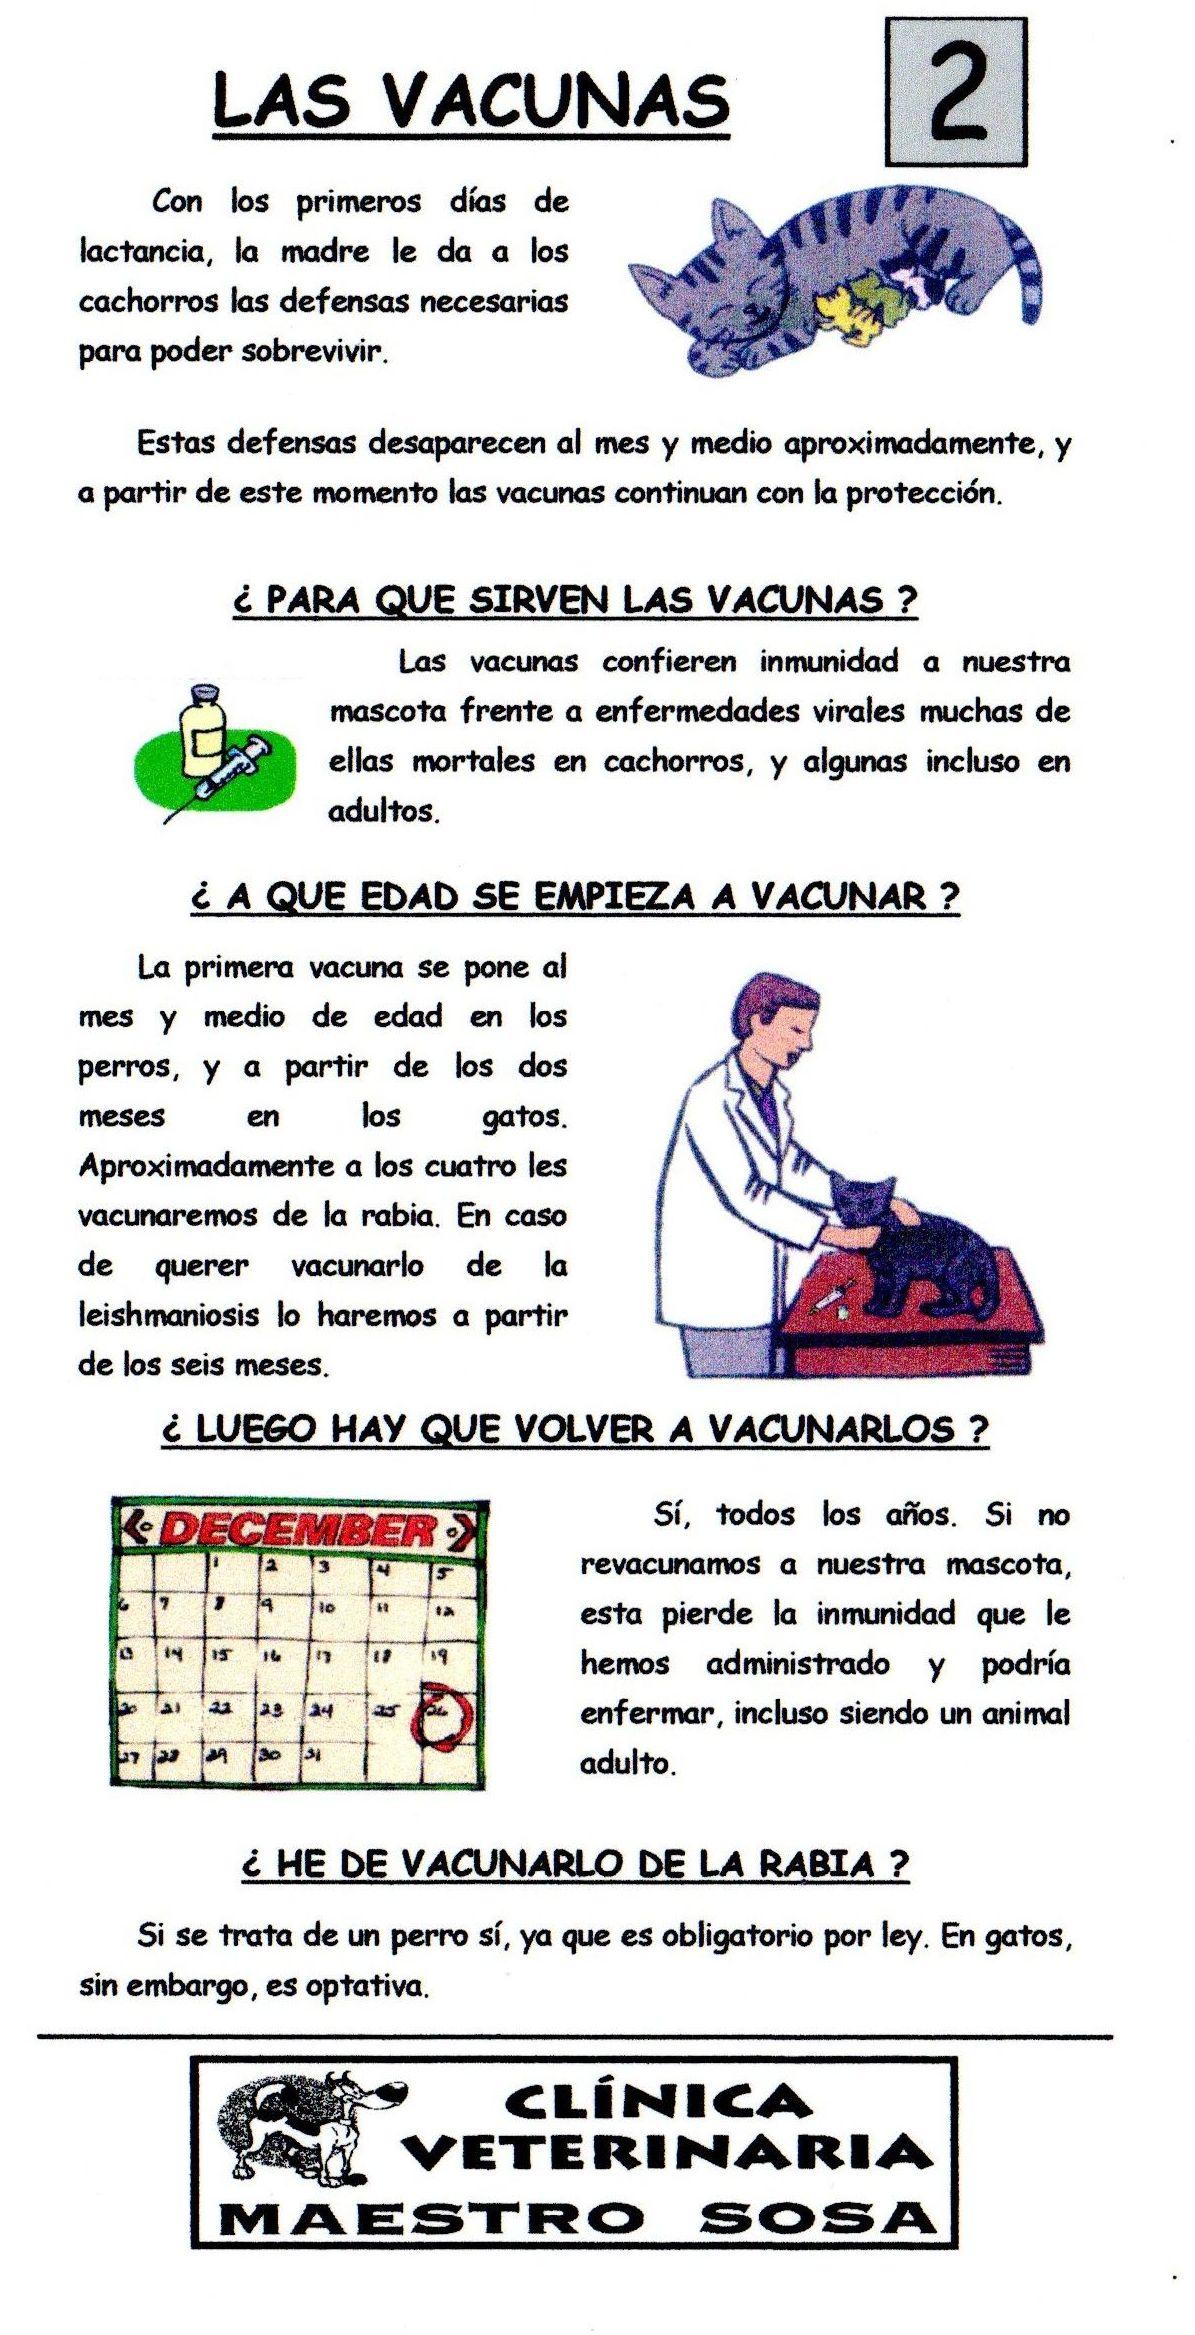 Las vacunas: Consejos de Clínica Veterinaria Maestro Sosa